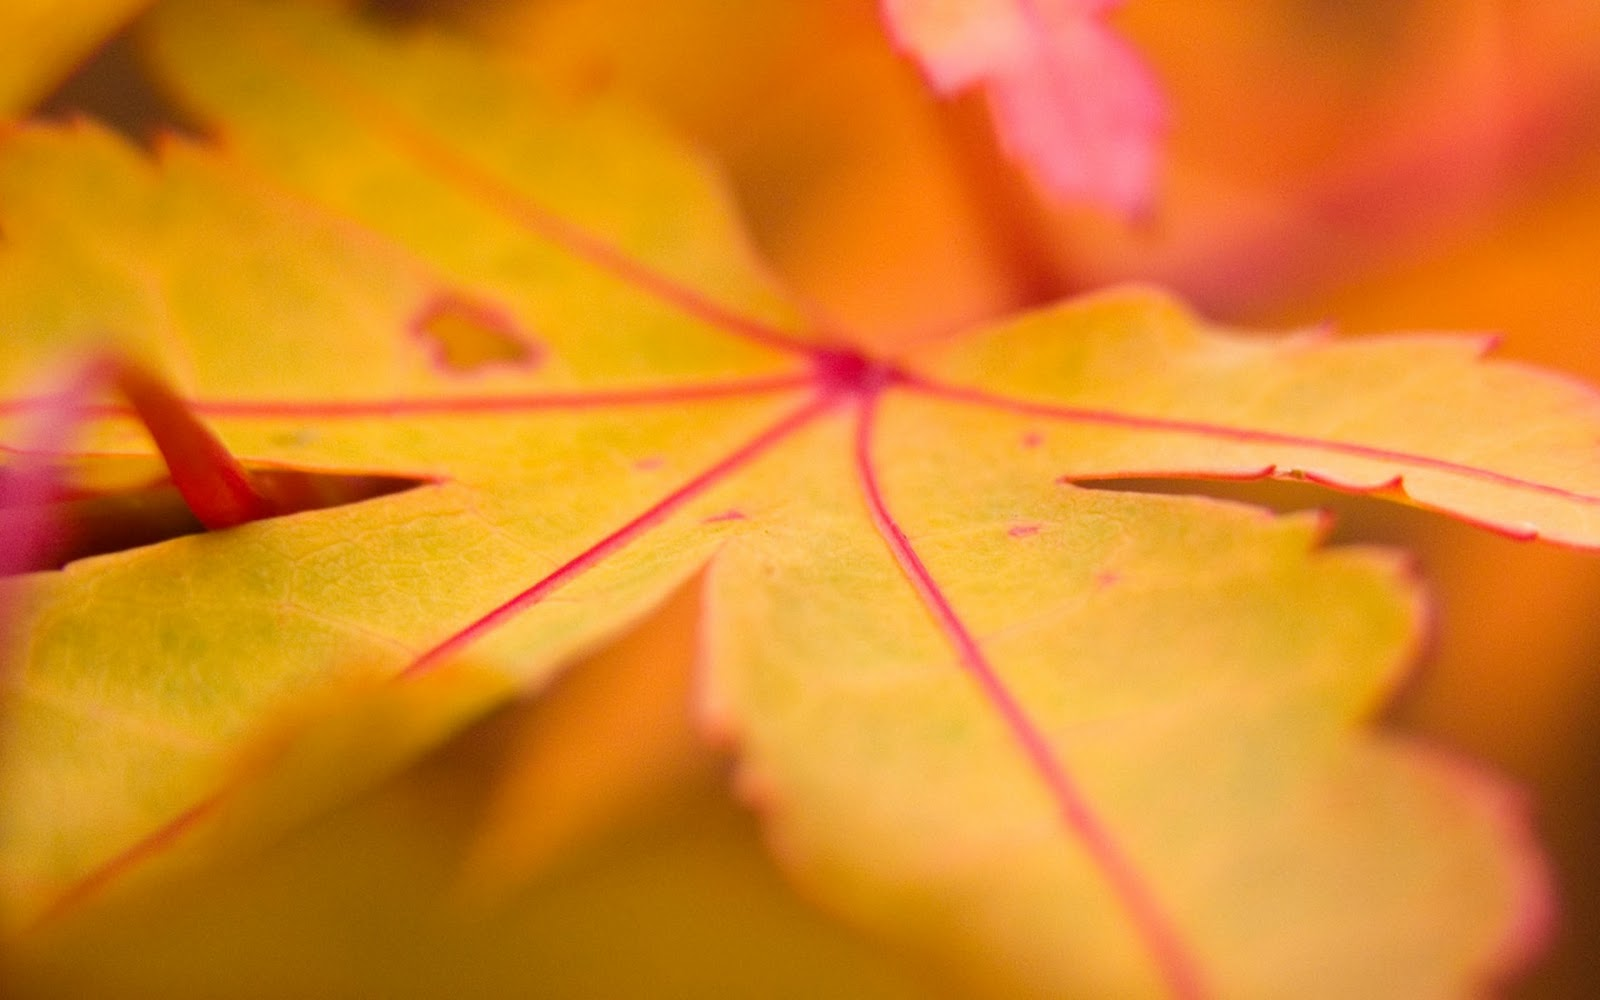 http://1.bp.blogspot.com/_RAlP3BmEW1Q/TQNiZkOEBmI/AAAAAAAABNA/lECKaOOEHeA/s1600/Herfst-achtergronden-herfst-wallpapers-11.jpg